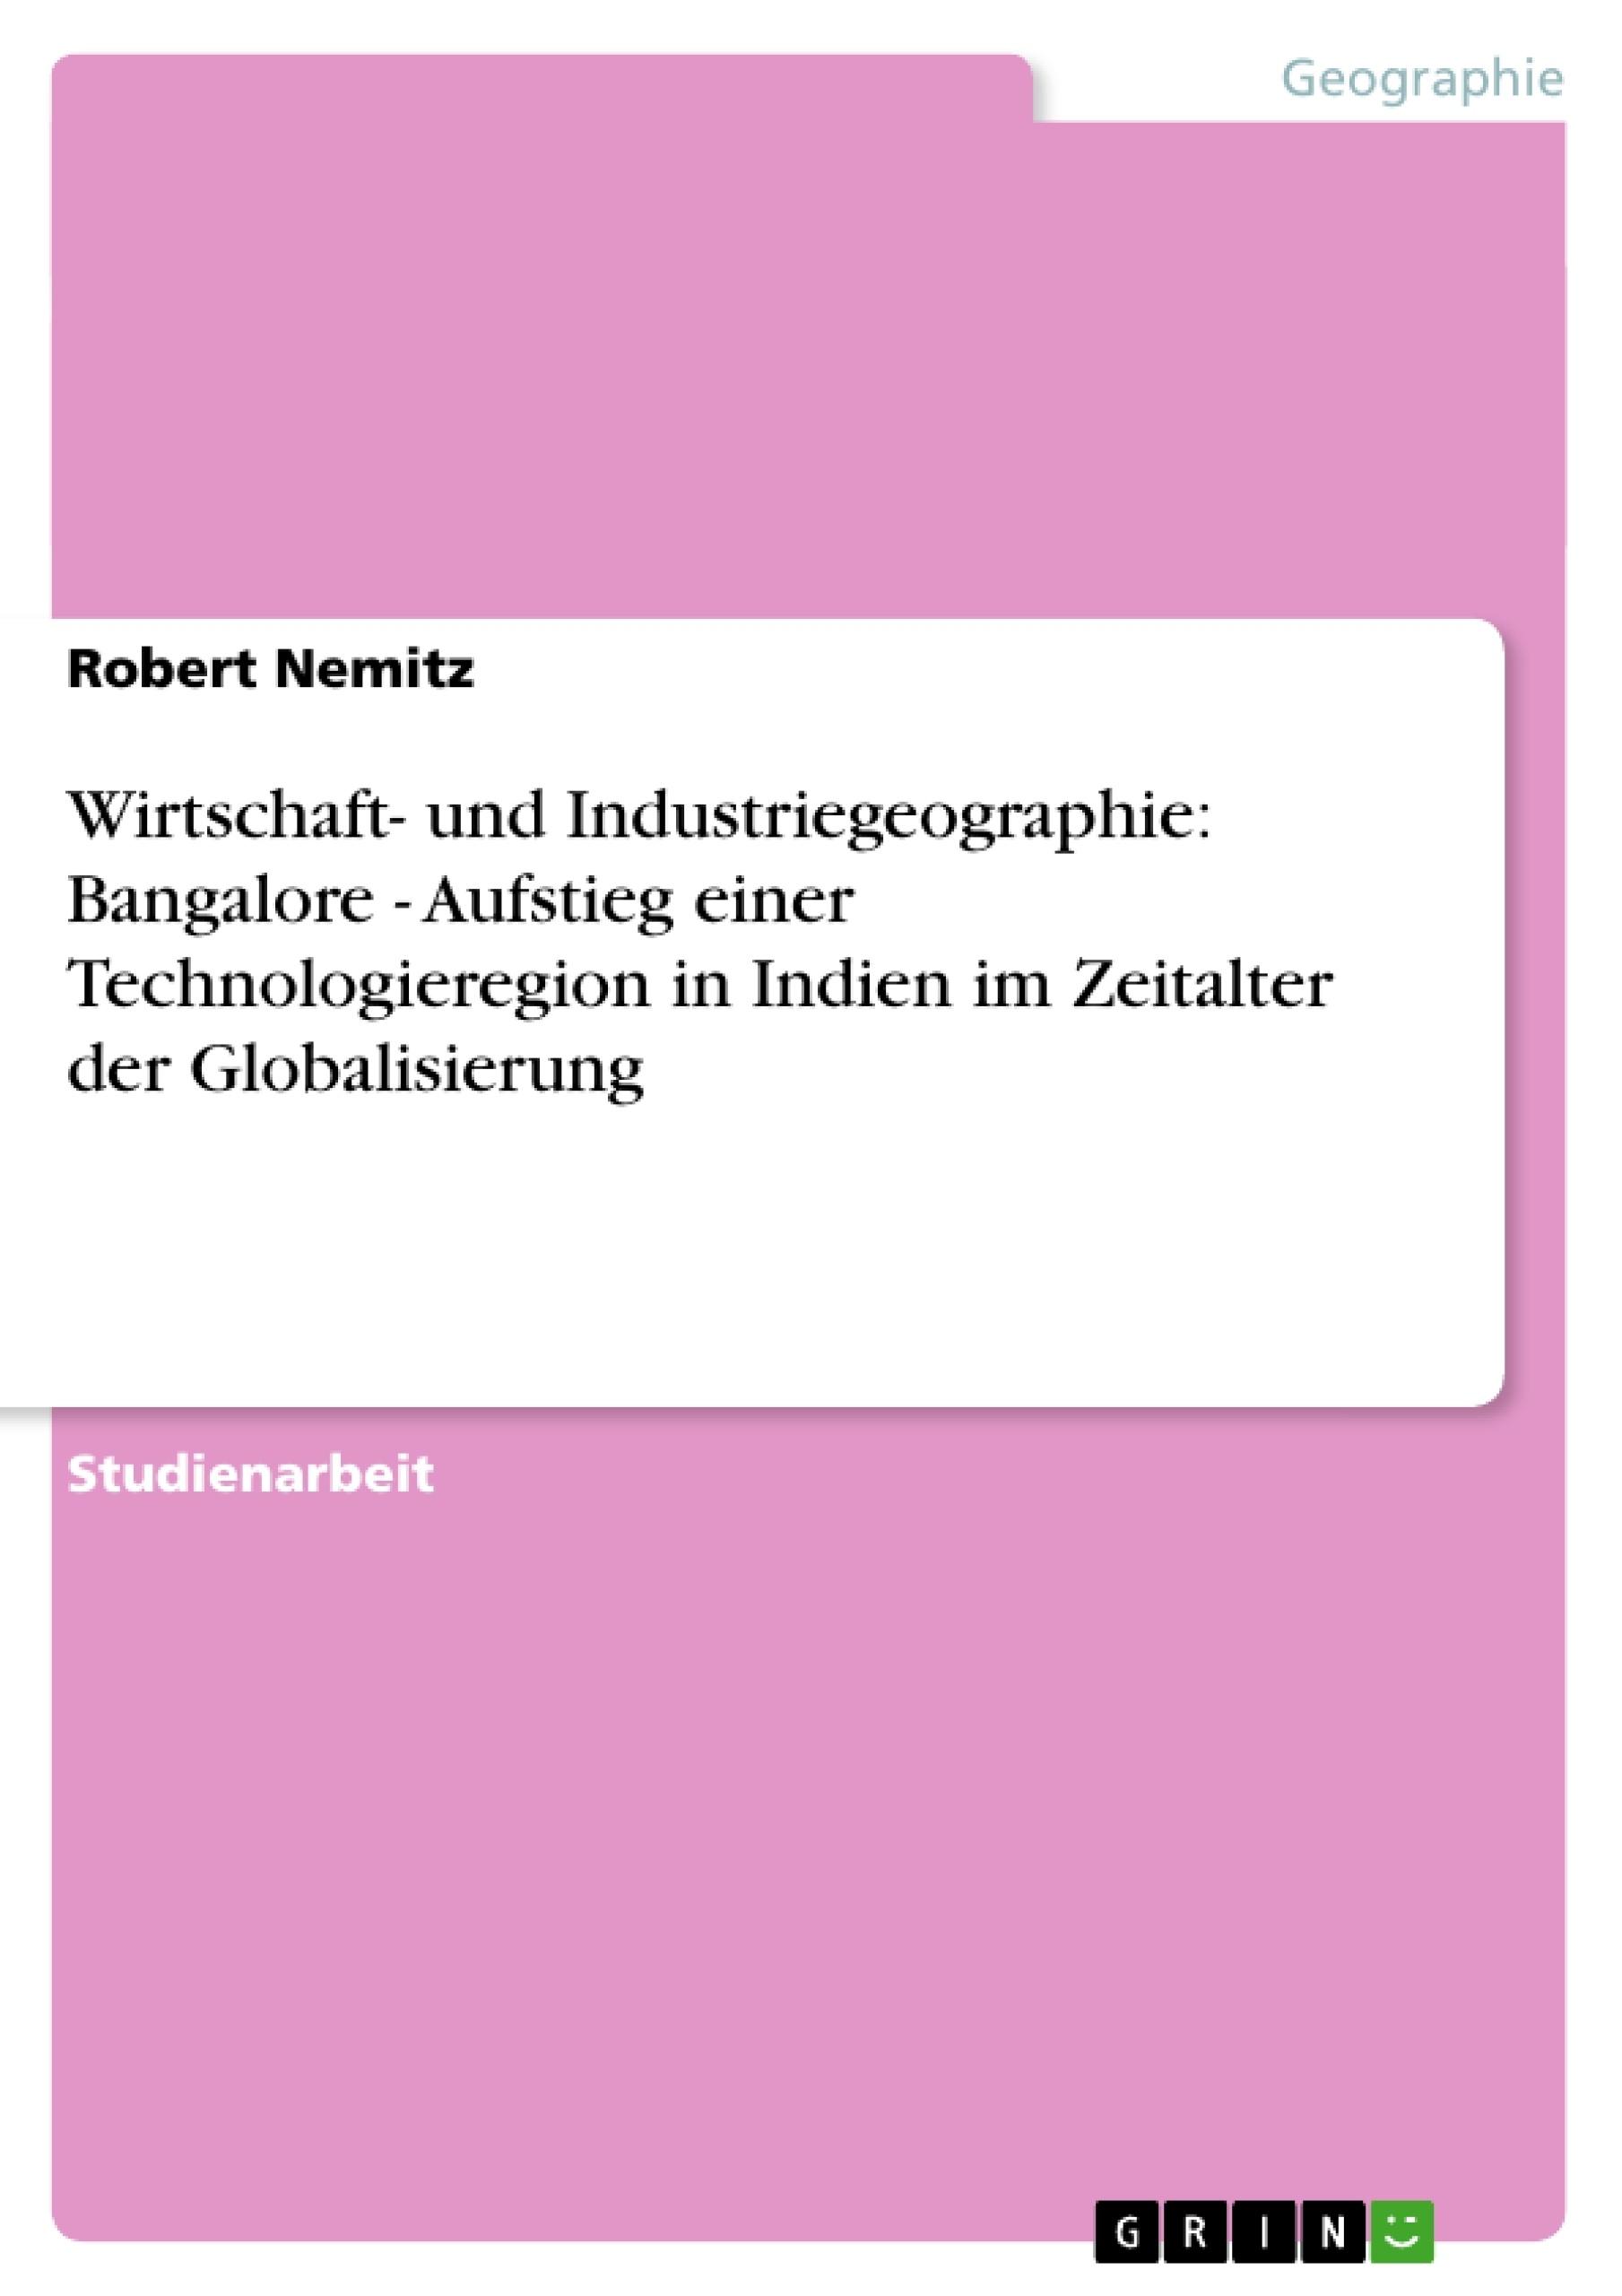 Titel: Wirtschaft- und Industriegeographie: Bangalore - Aufstieg einer Technologieregion in Indien im Zeitalter der Globalisierung